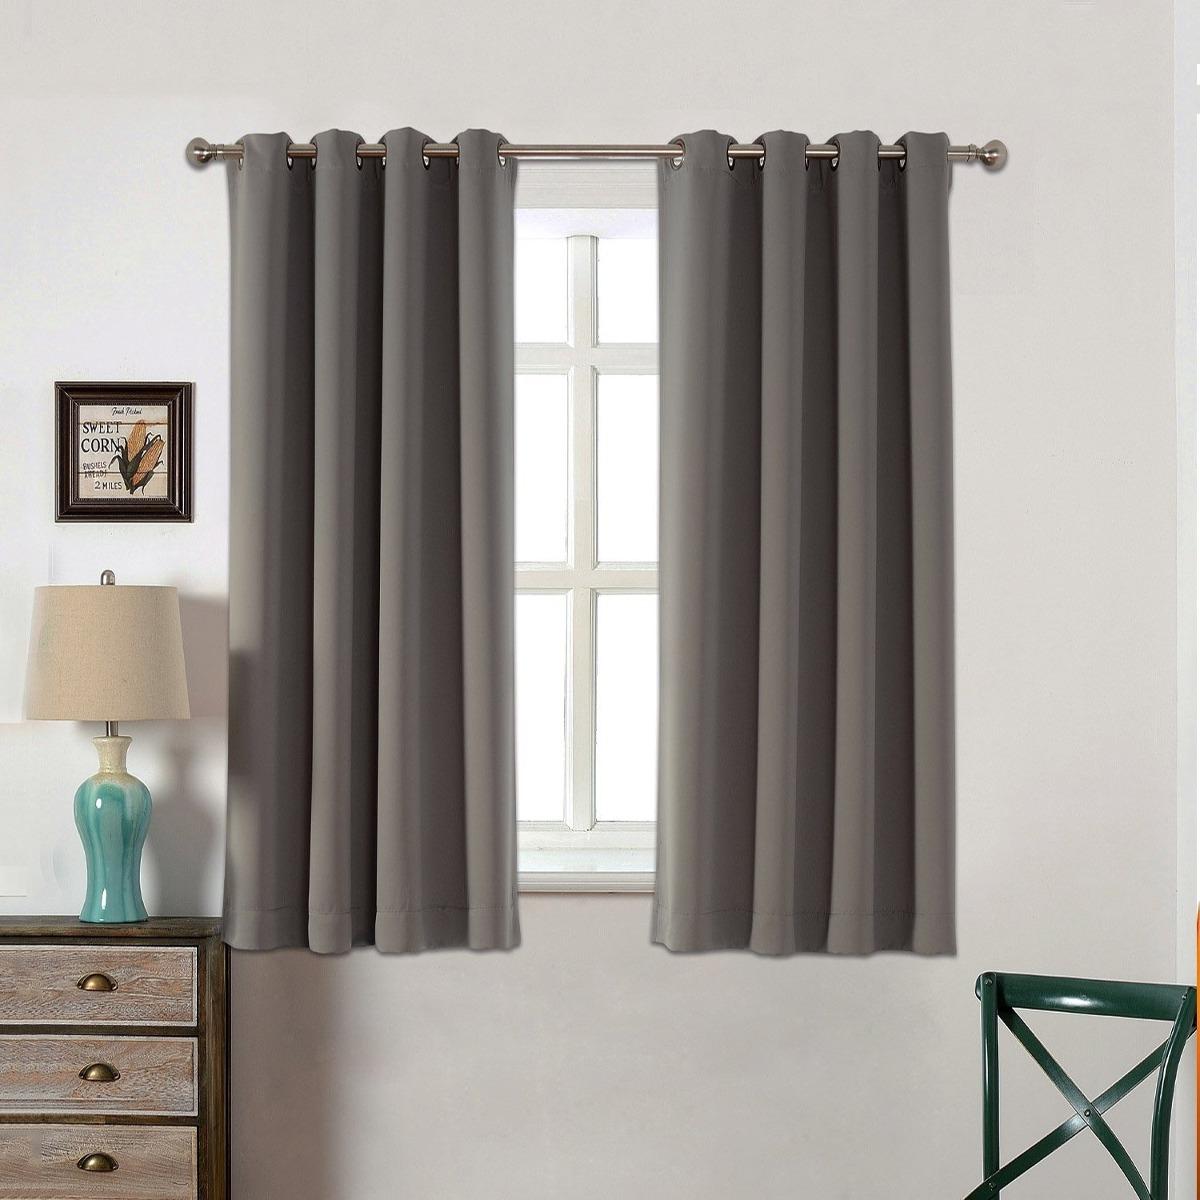 Cortinas Para Dormitorio Acelitor 52x63 Pulg gris